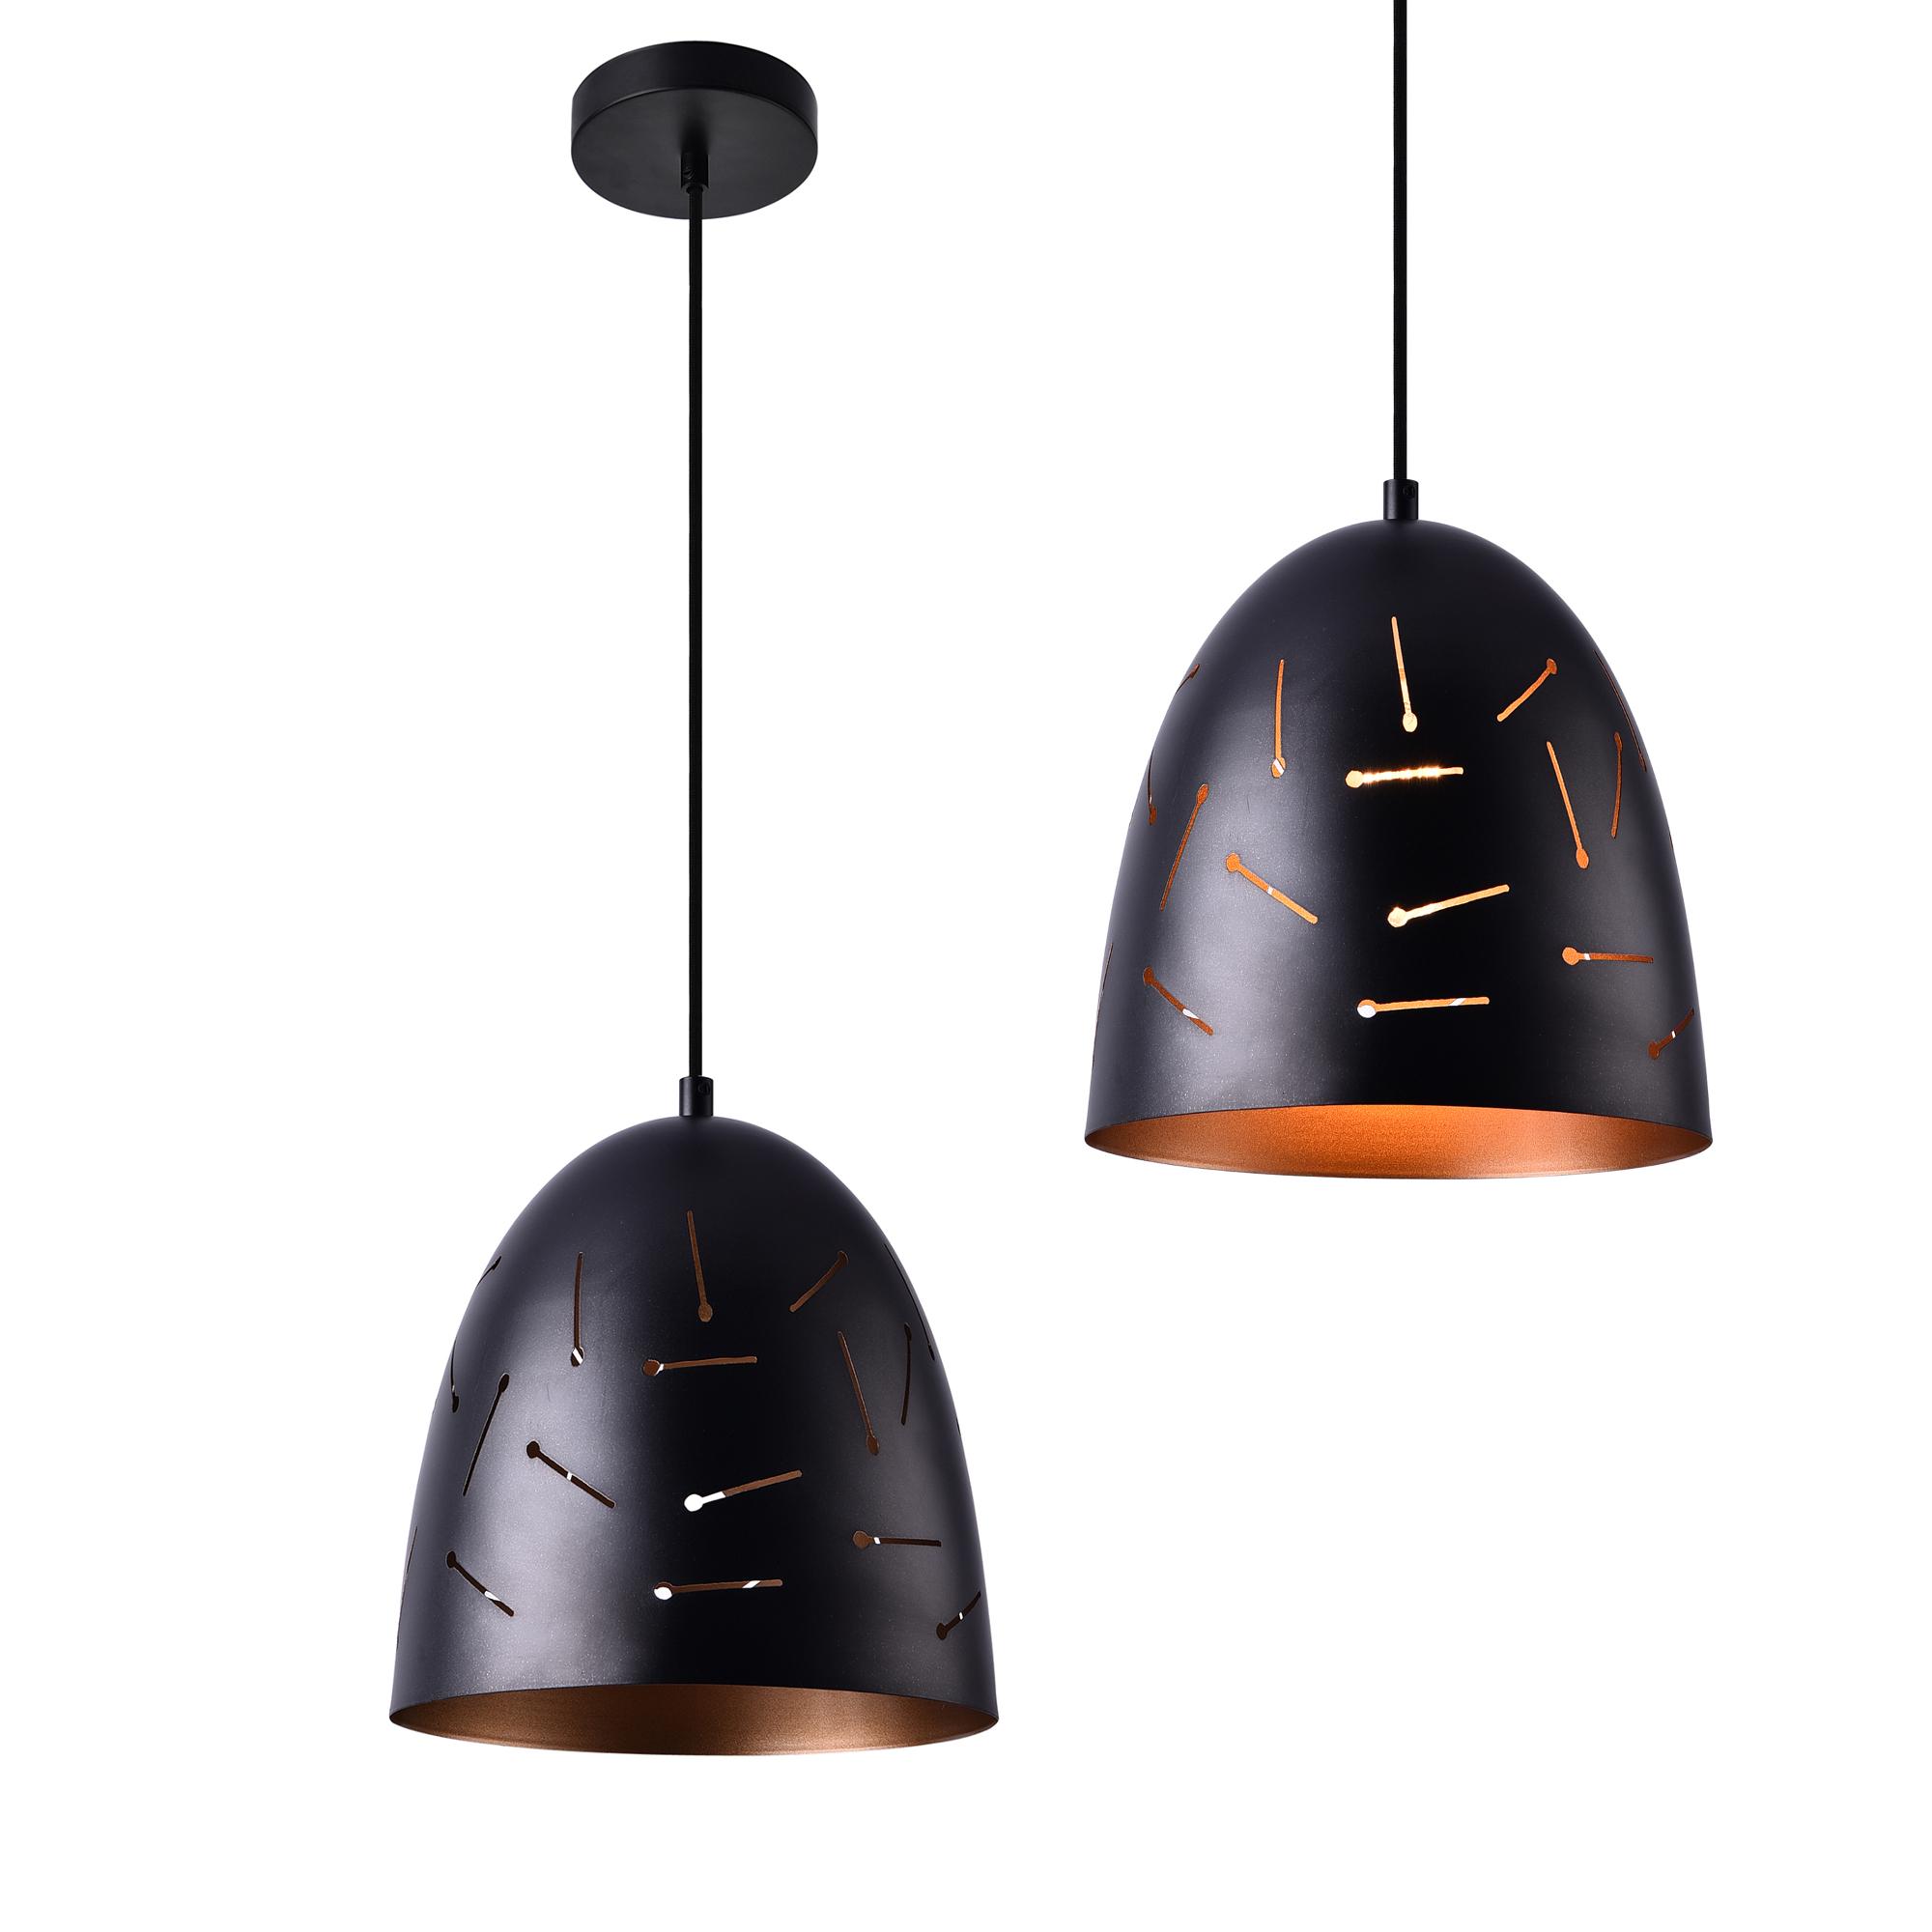 [lux.pro]® Dekoratívní designové závěsné svítidlo / stropní svítidlo - černá / měď (1 x E27)